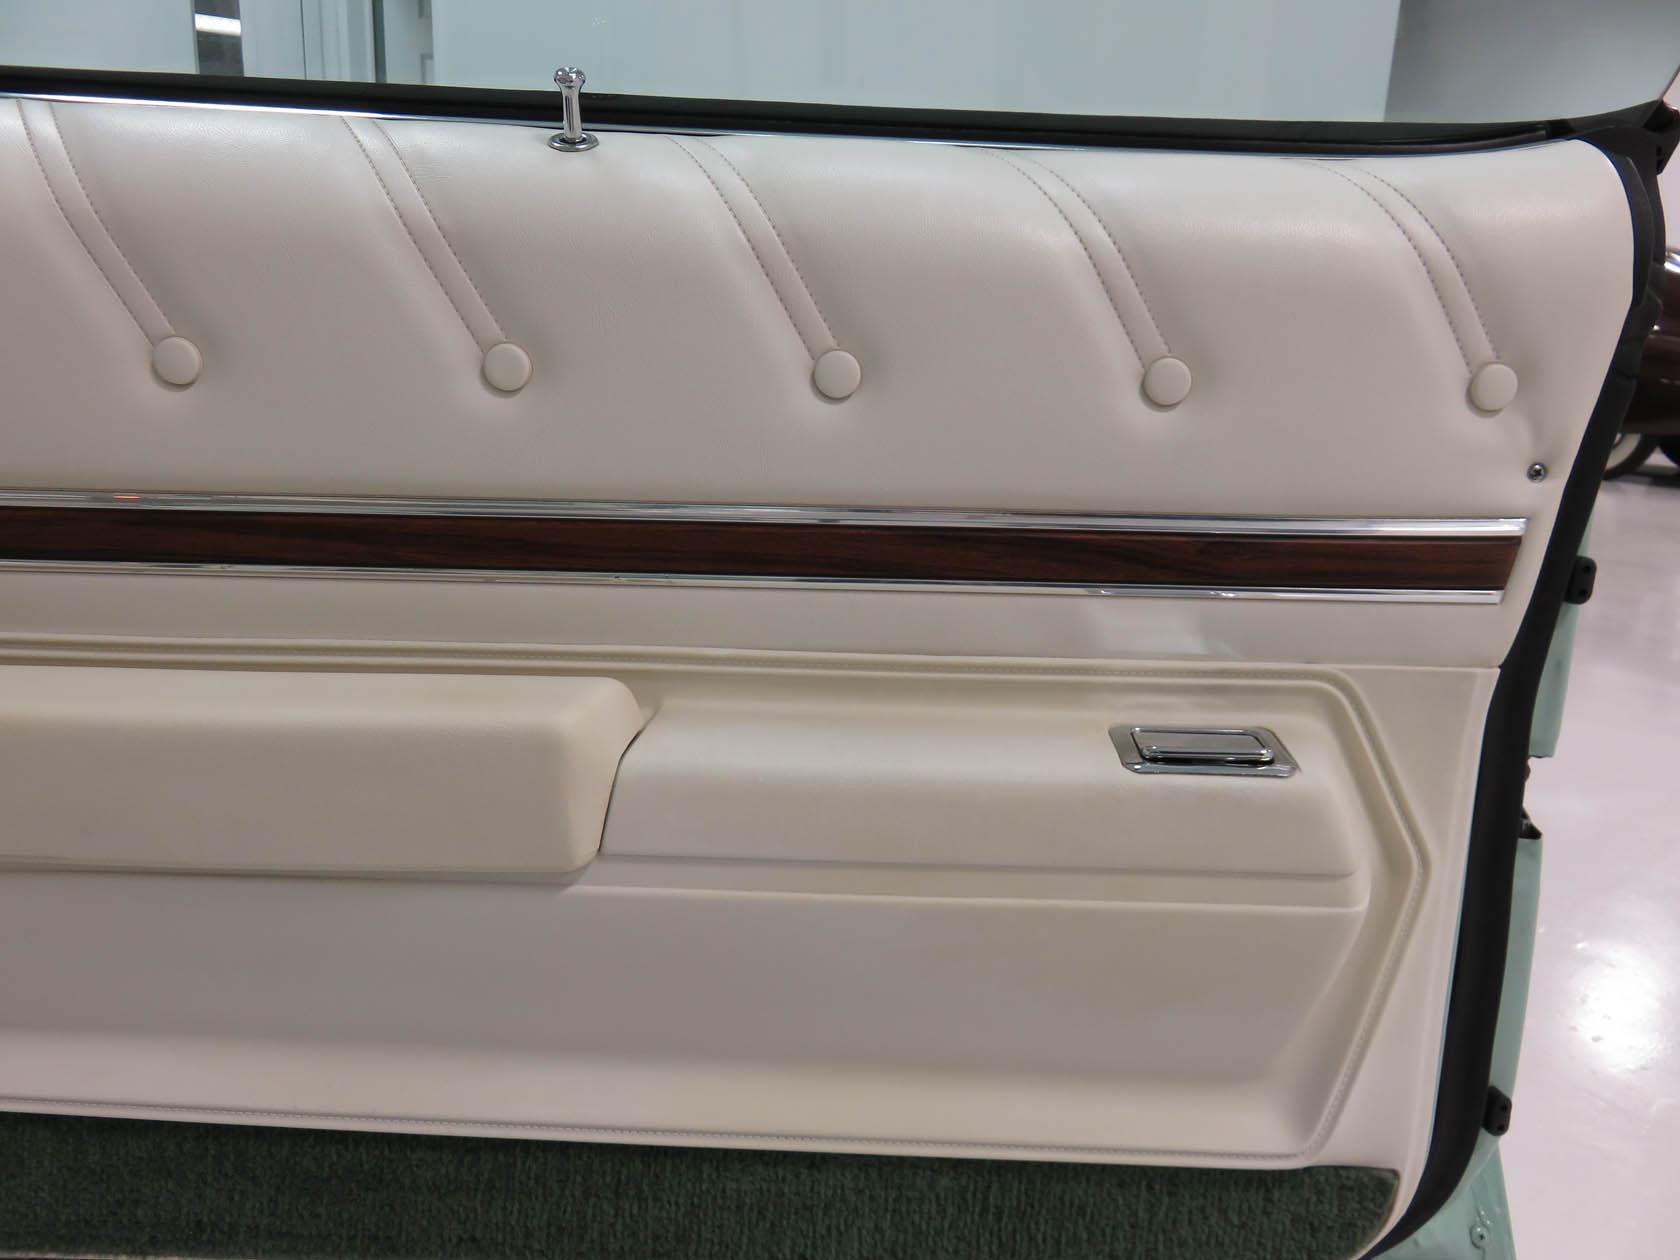 Michael Esposito - 1974 Oldsmobile Cutlasss Supreme 431